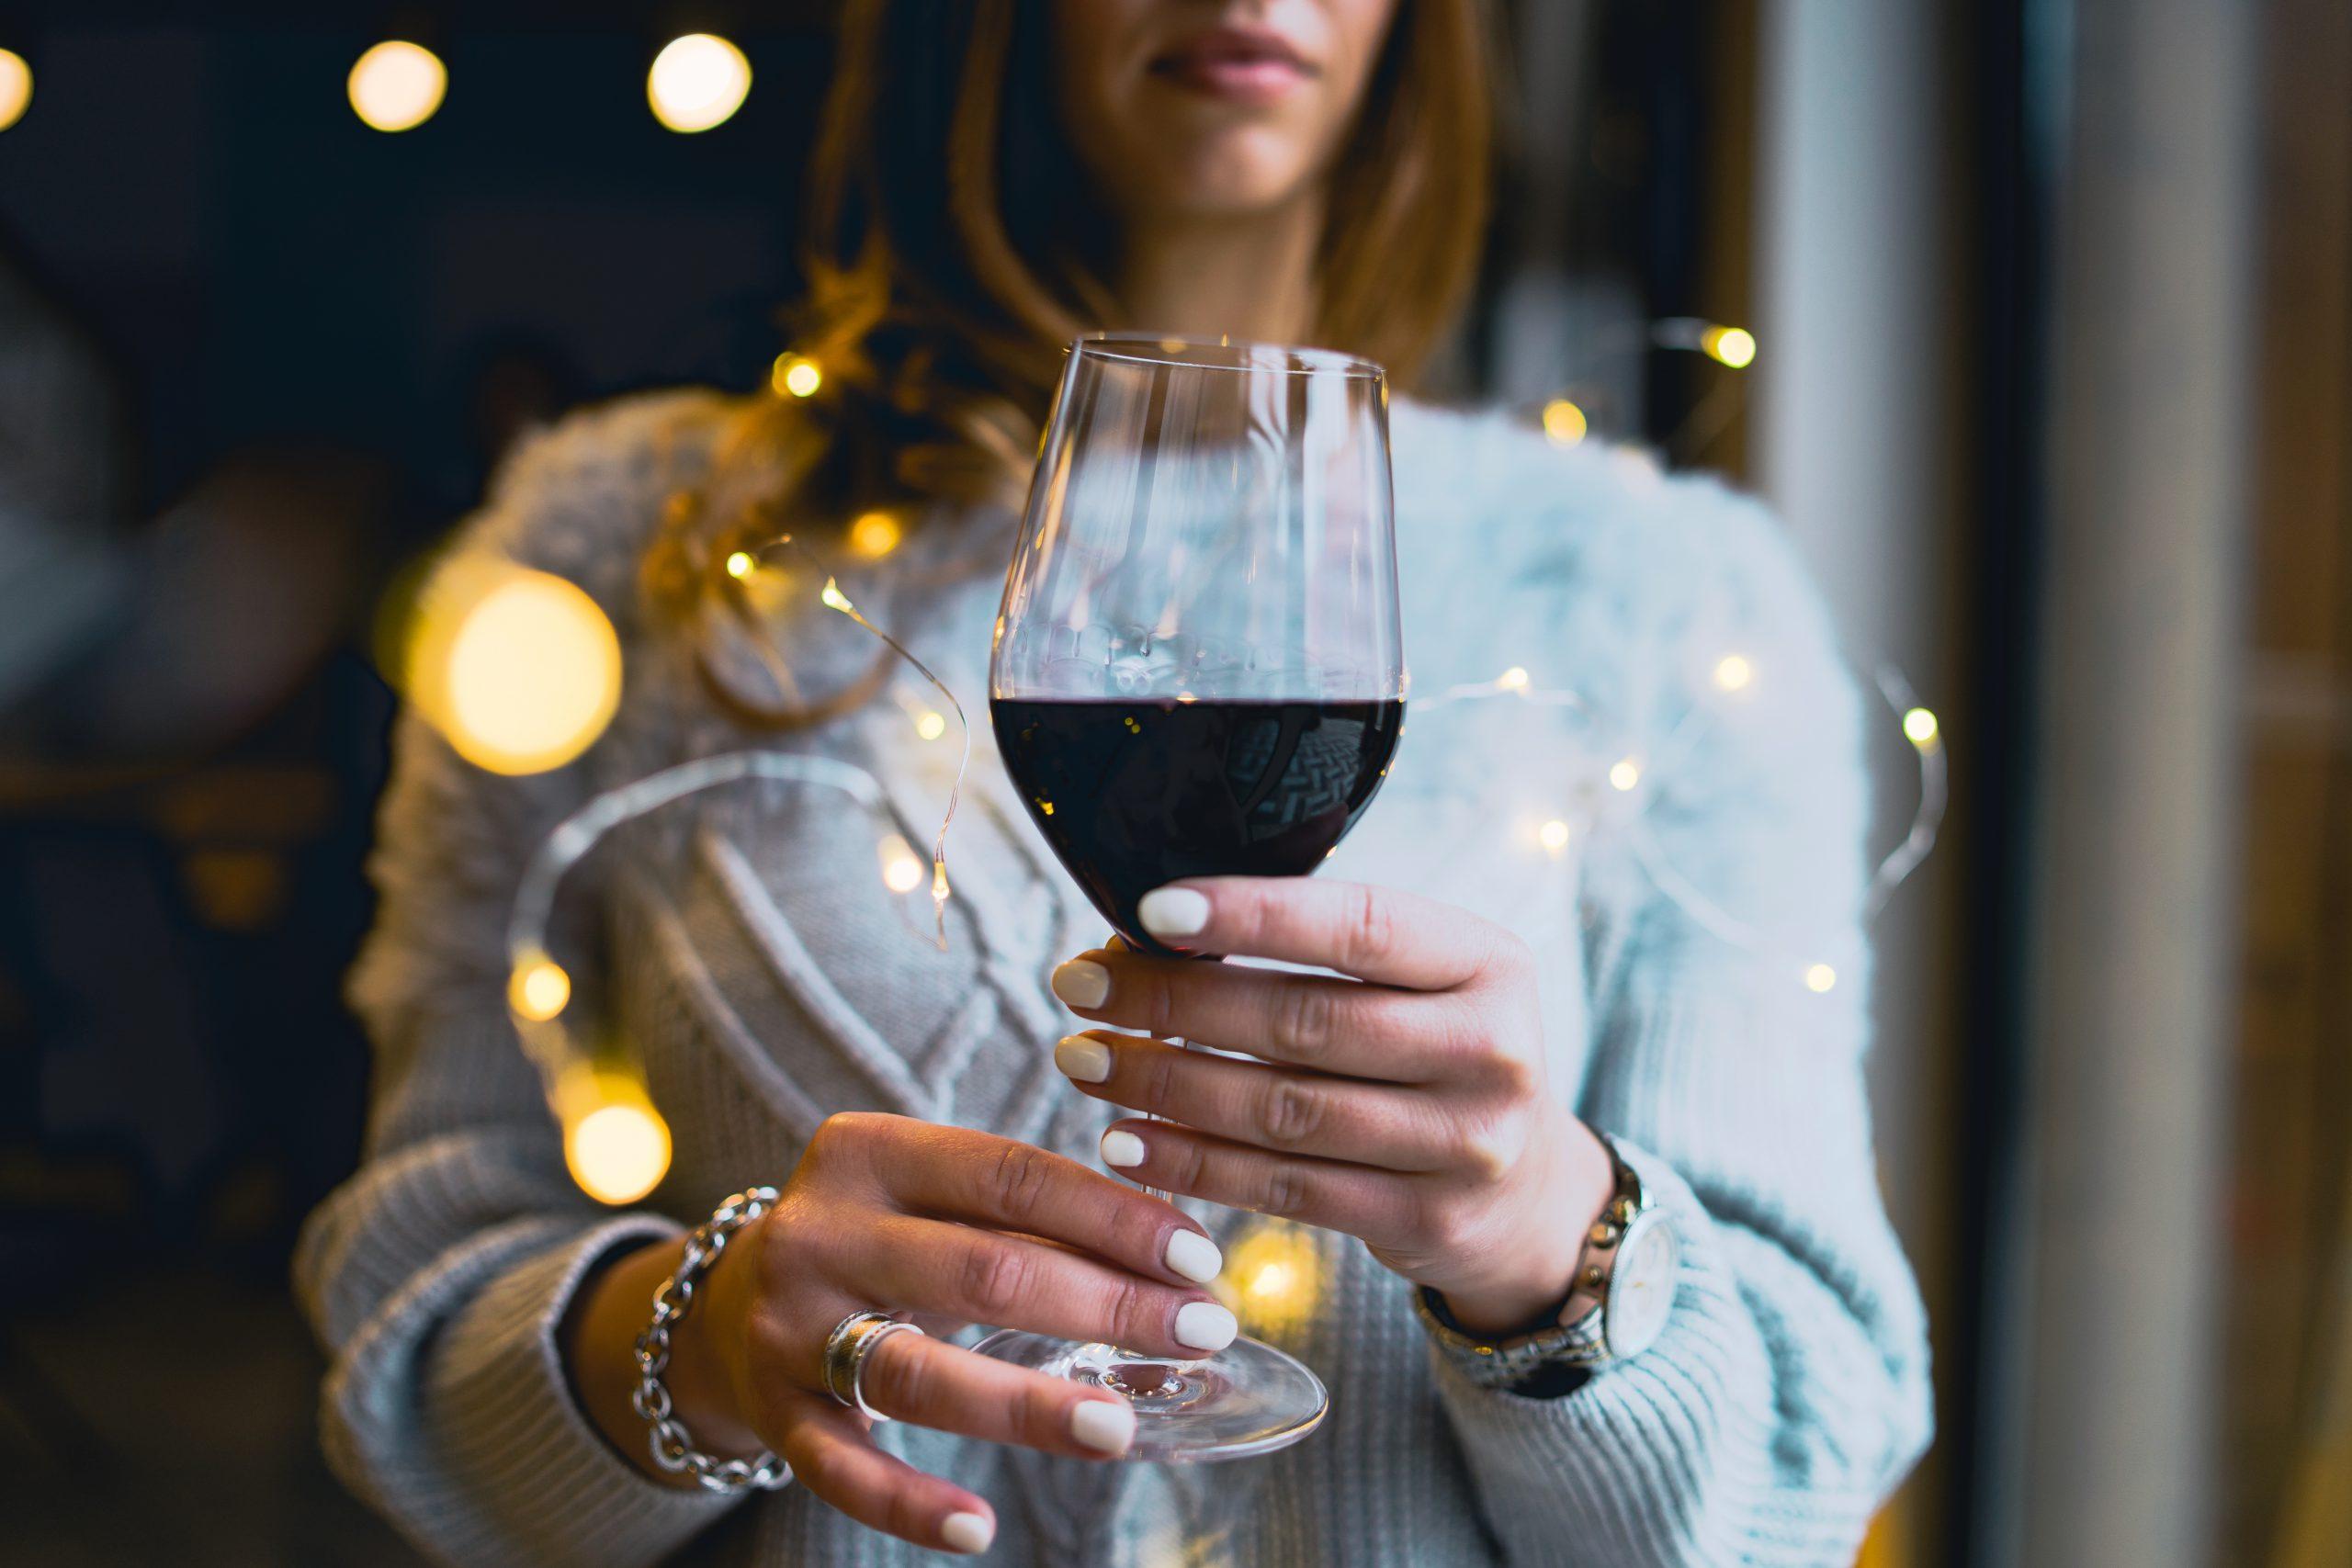 初めてのワインで味がわからない?理由や楽しみ方のコツをご紹介